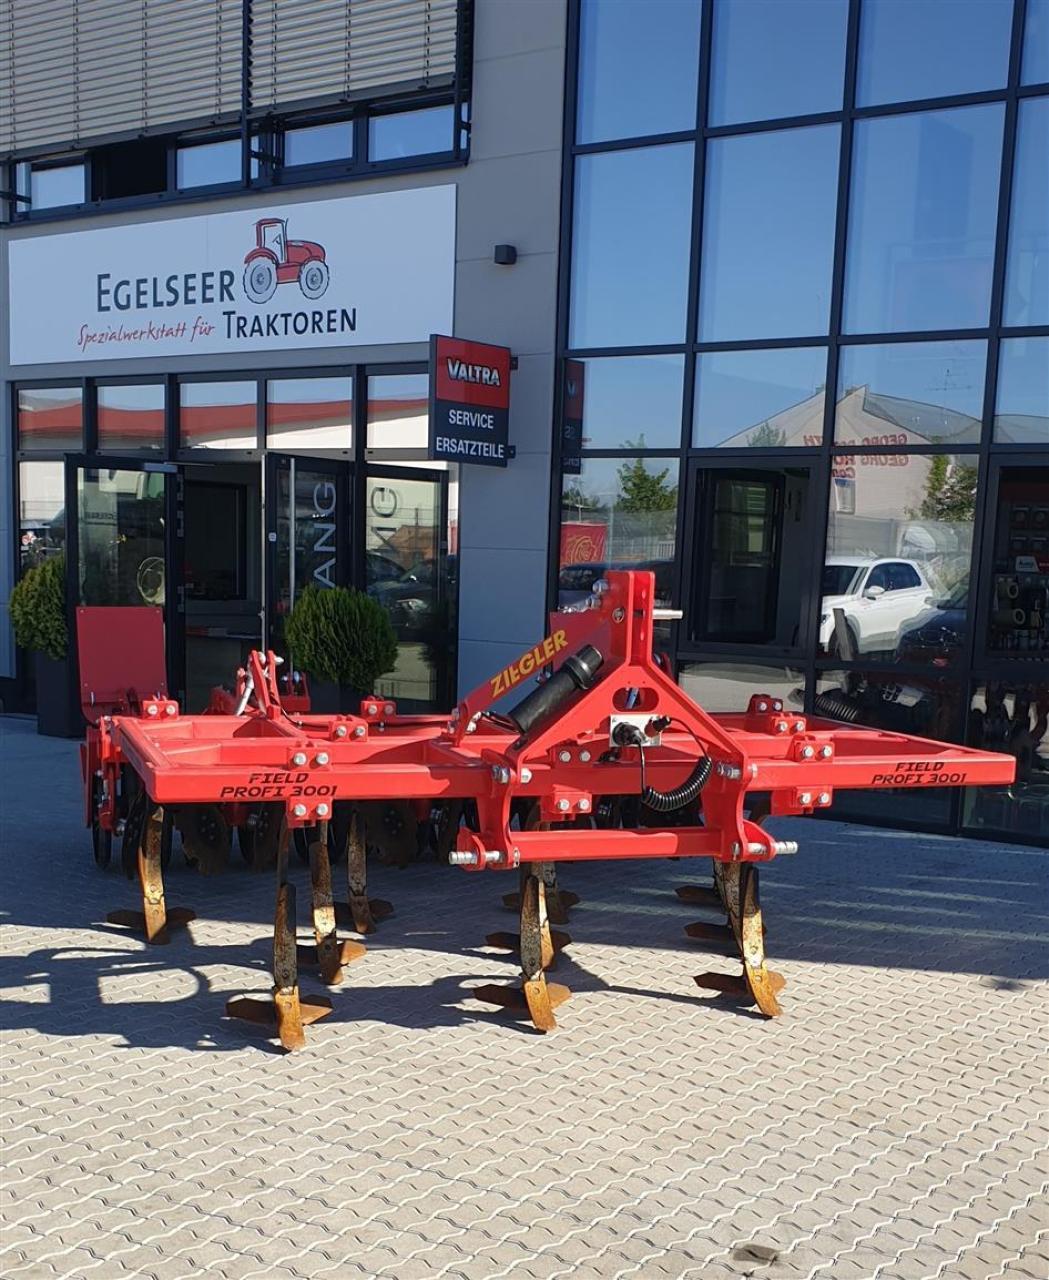 Ziegler Bodenbearbeitung (so Field Profi 3001